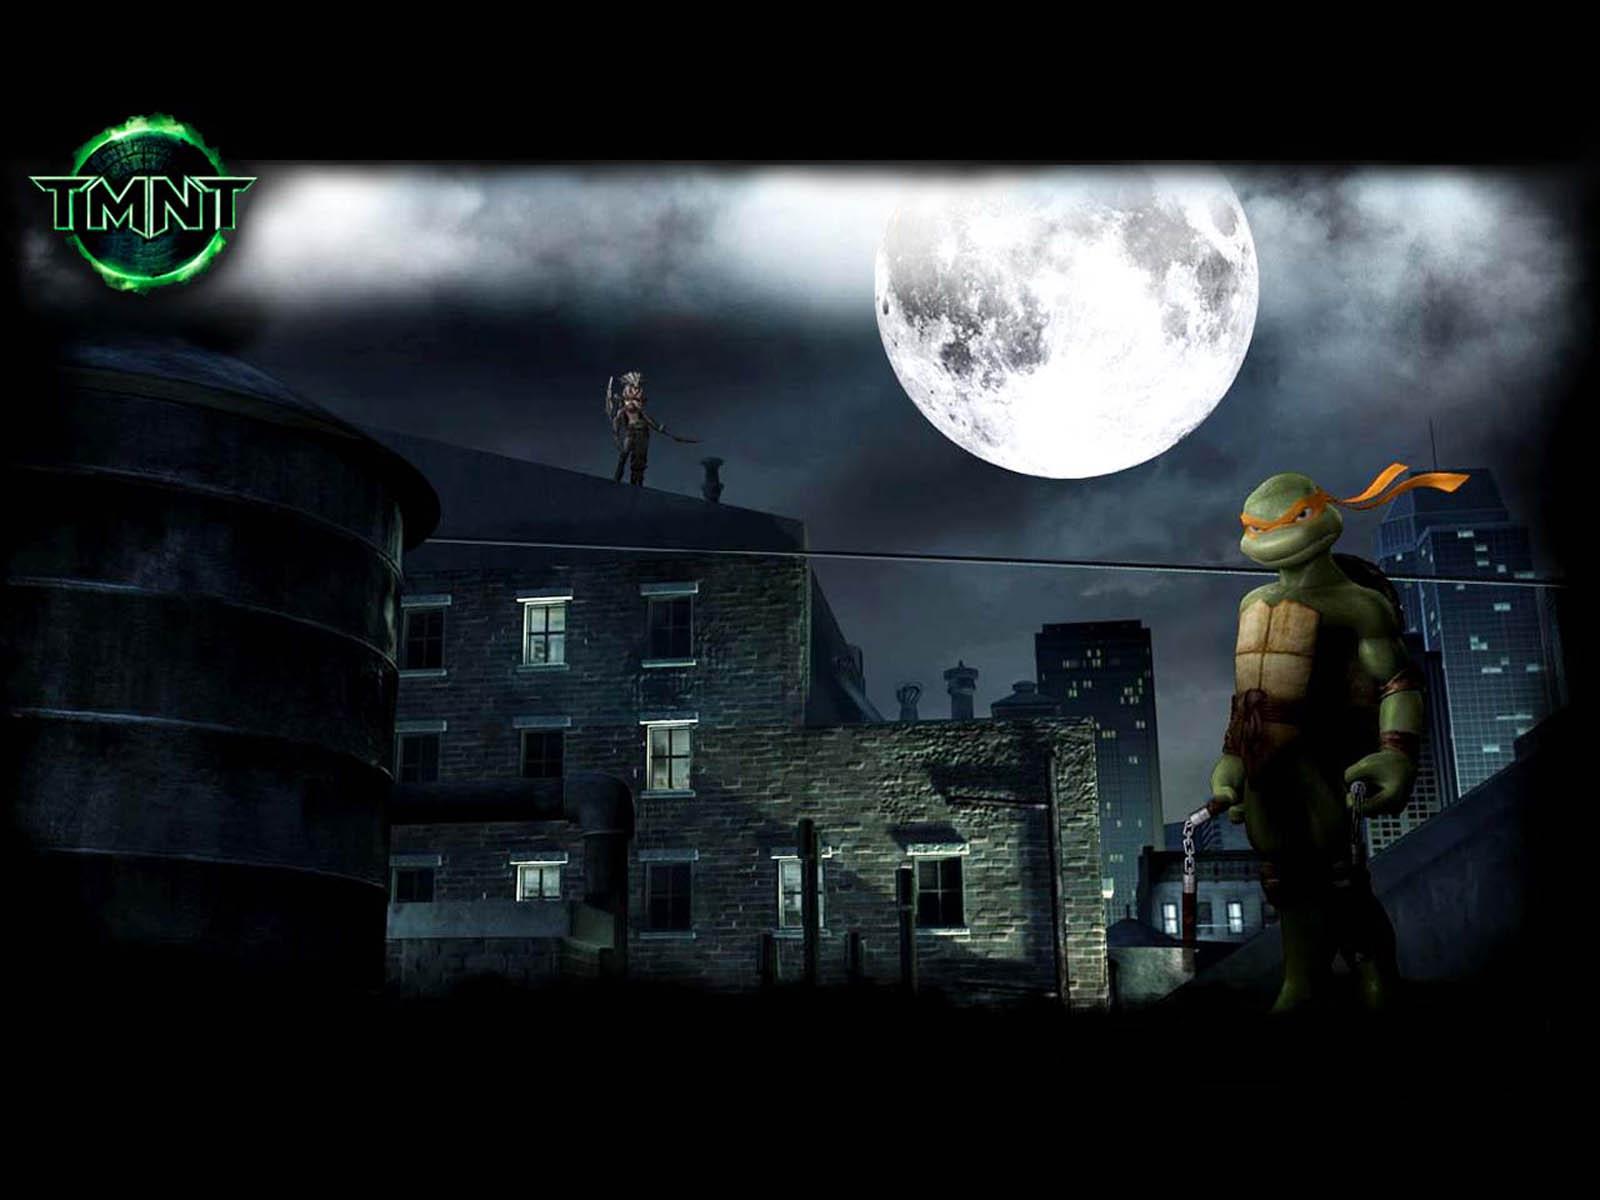 raphael teenage mutant ninja turtles wallpapers - Raphael Teenage Mutant Ninja Turtles Wallpapers HD